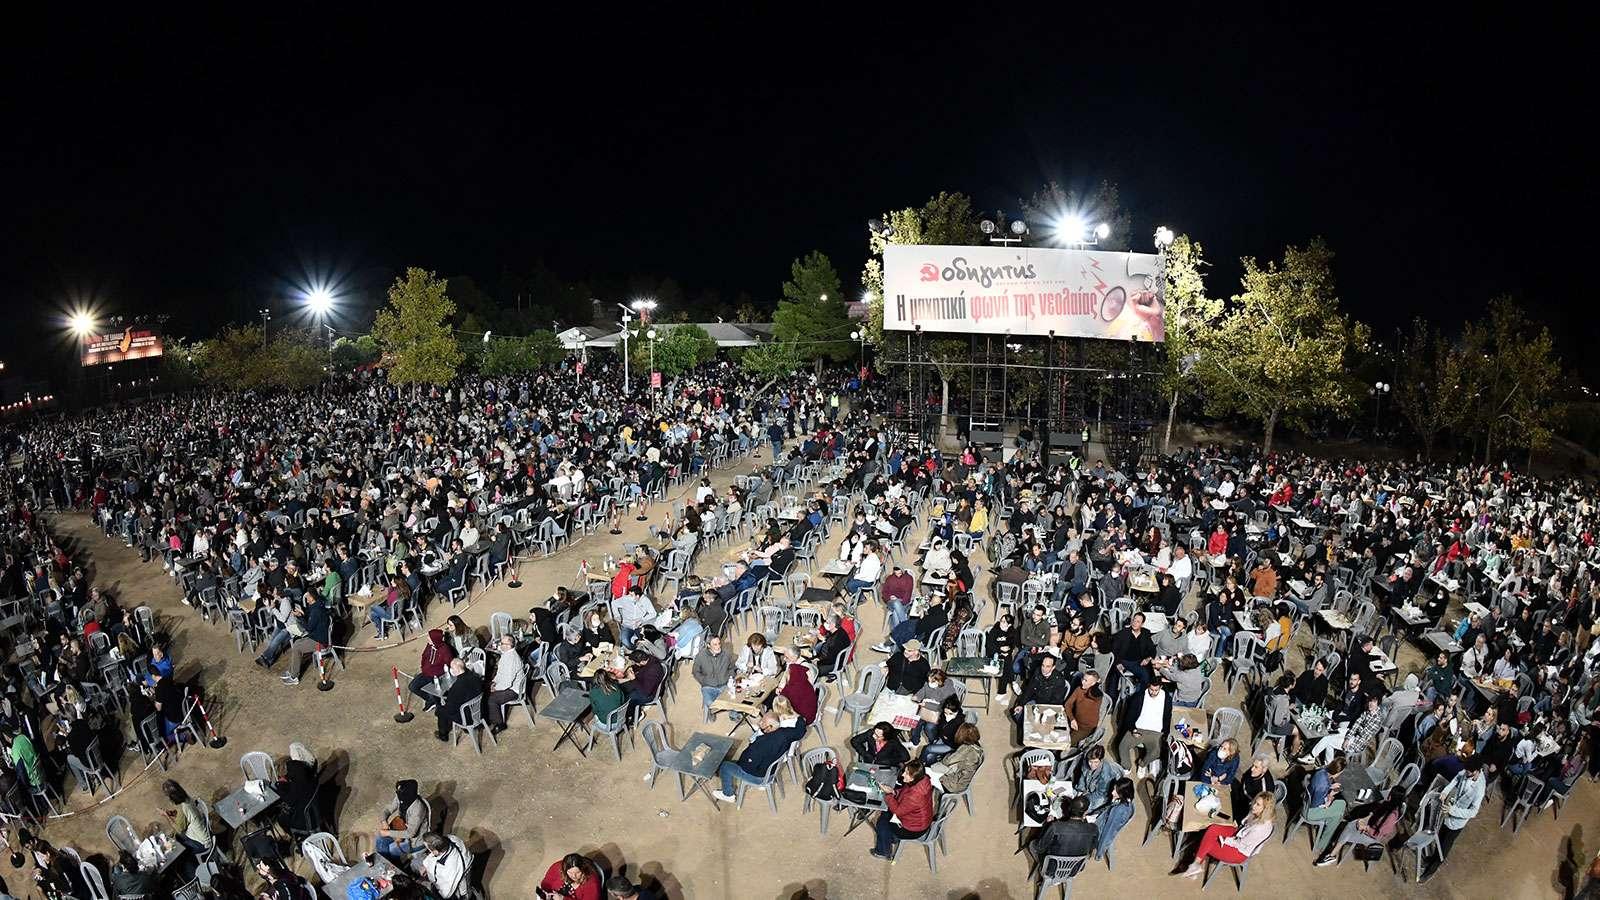 47ο Φεστιβάλ ΚΝΕ ΟΔΗΓΗΤΗ Μια μεγάλη συναυλία αφιερωμένη στον Μίκη 1